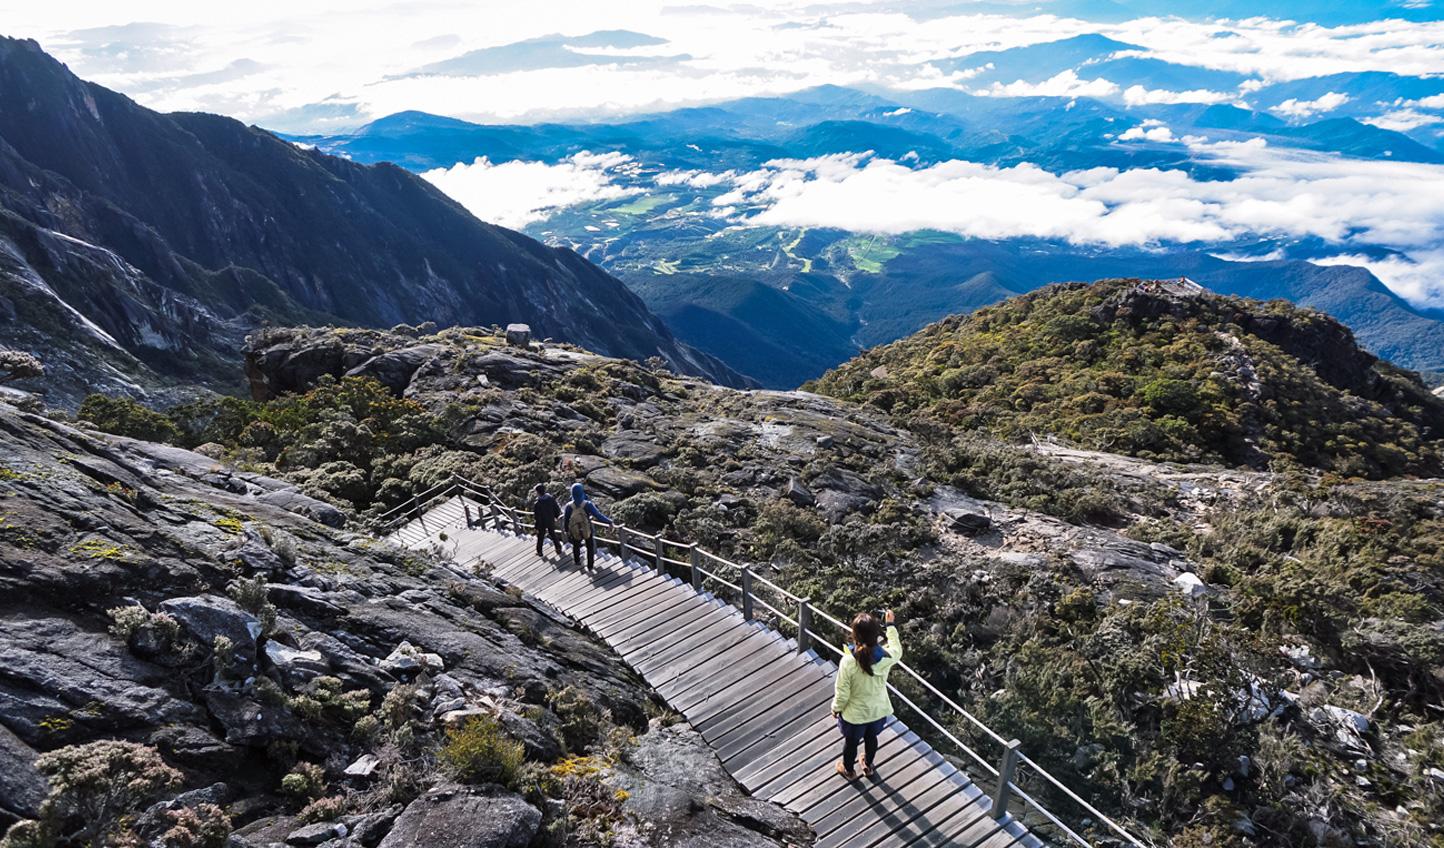 Trek through lush flora and fauna while summiting Mount Kinabalu